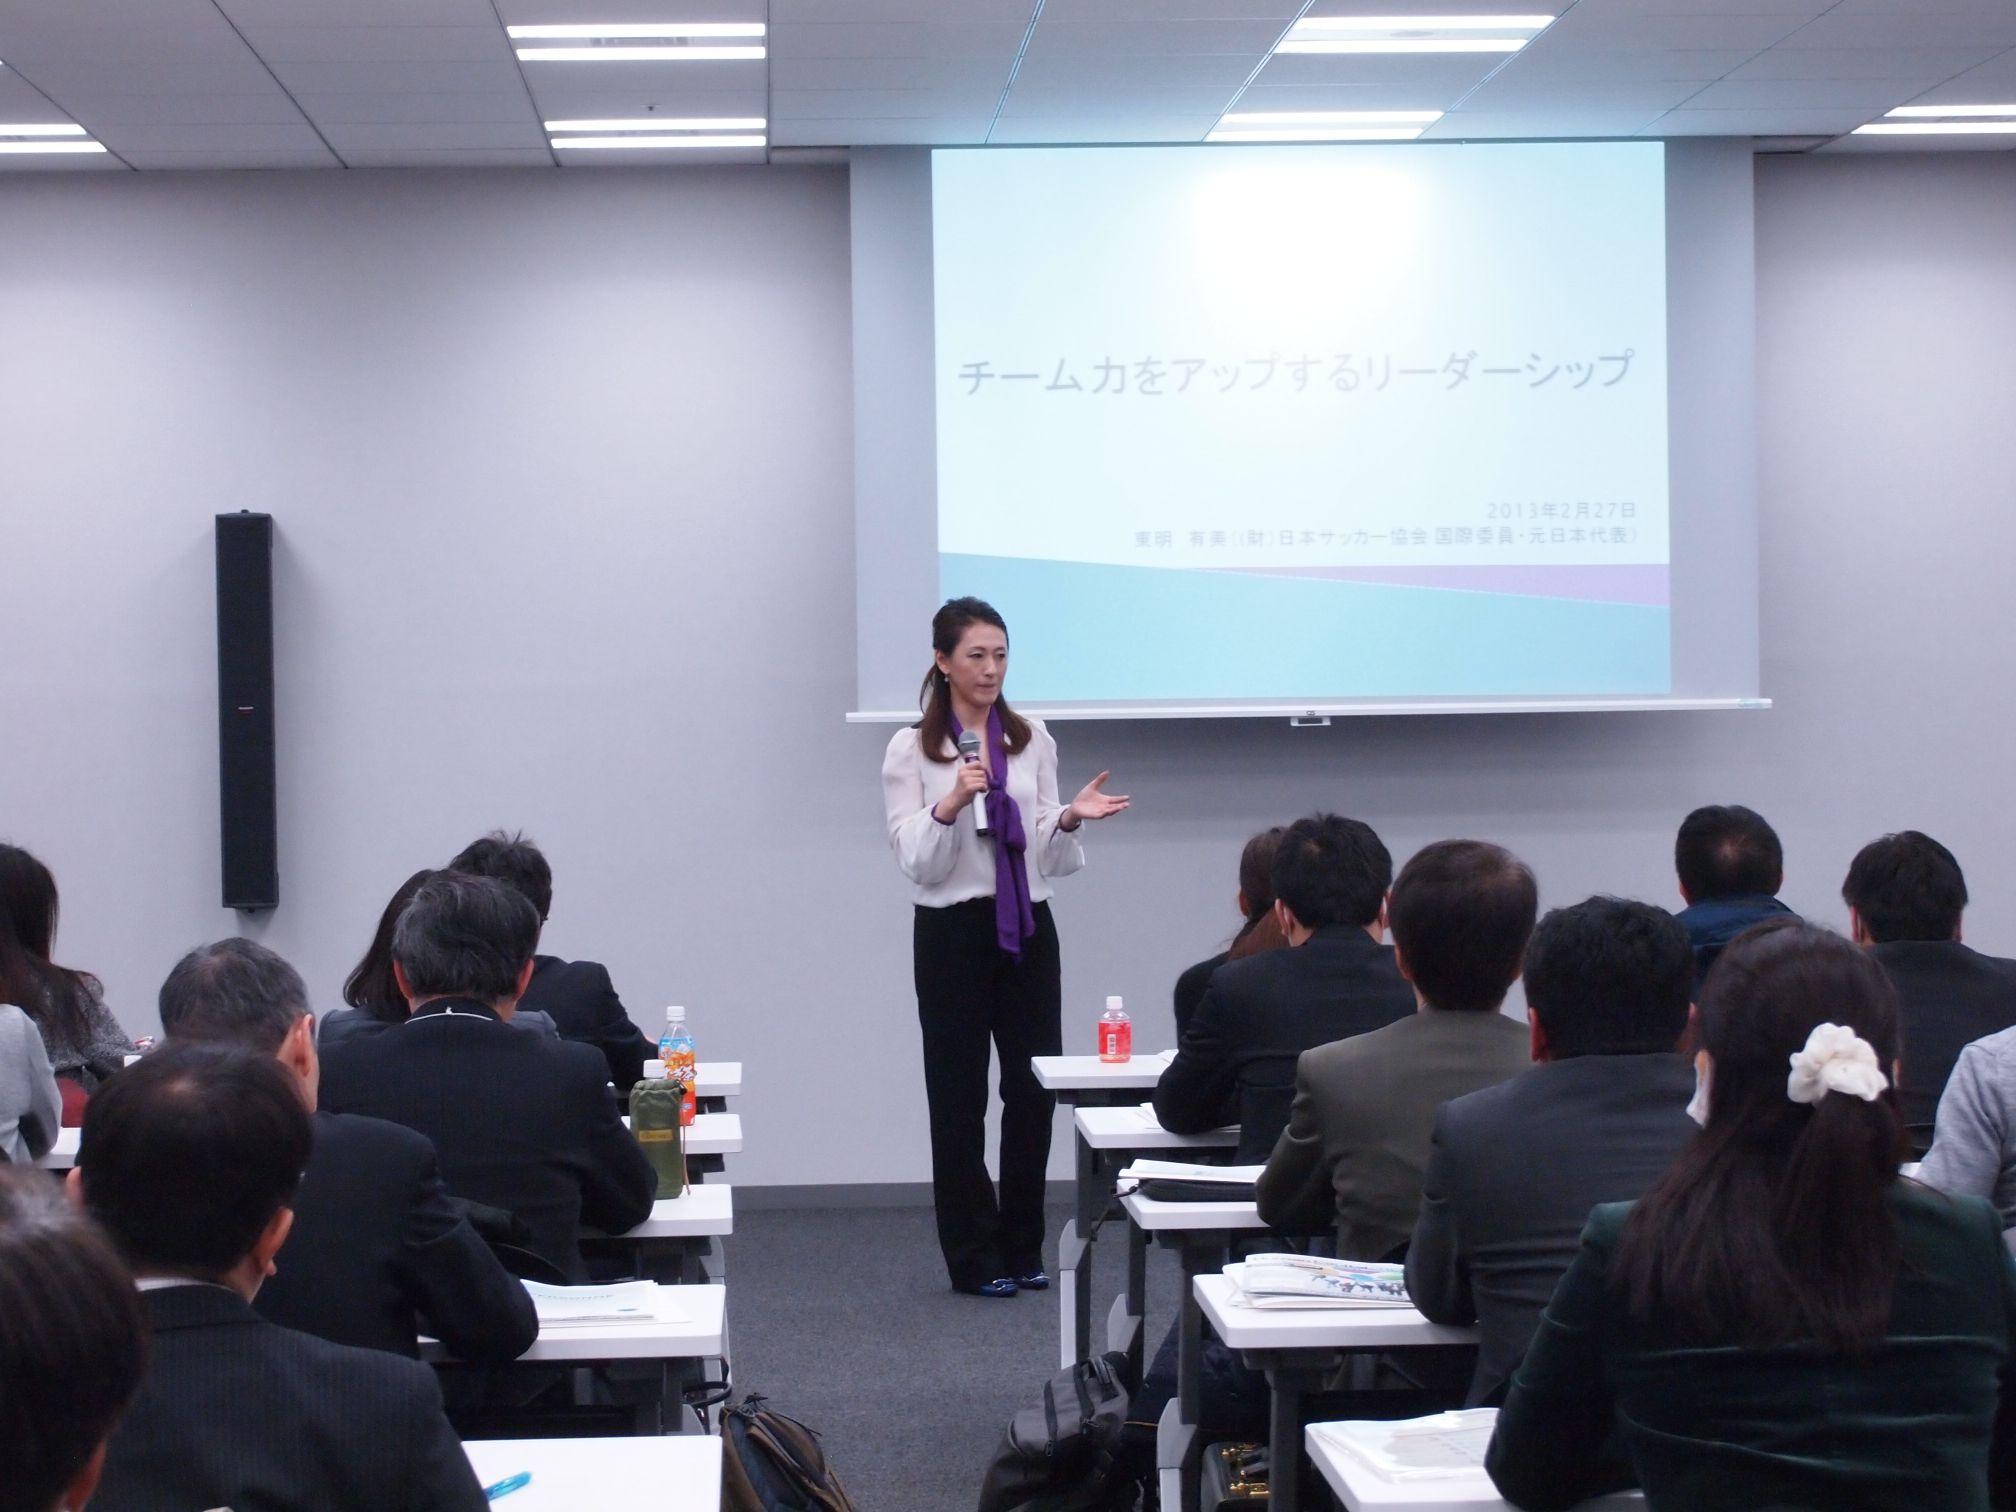 """元なでしこジャパン東明有美氏が解説 「チーム力アップセミナー」へ60名を超える方にご出席いただきました リーダーシップに求められる""""強みによる介入""""とは"""